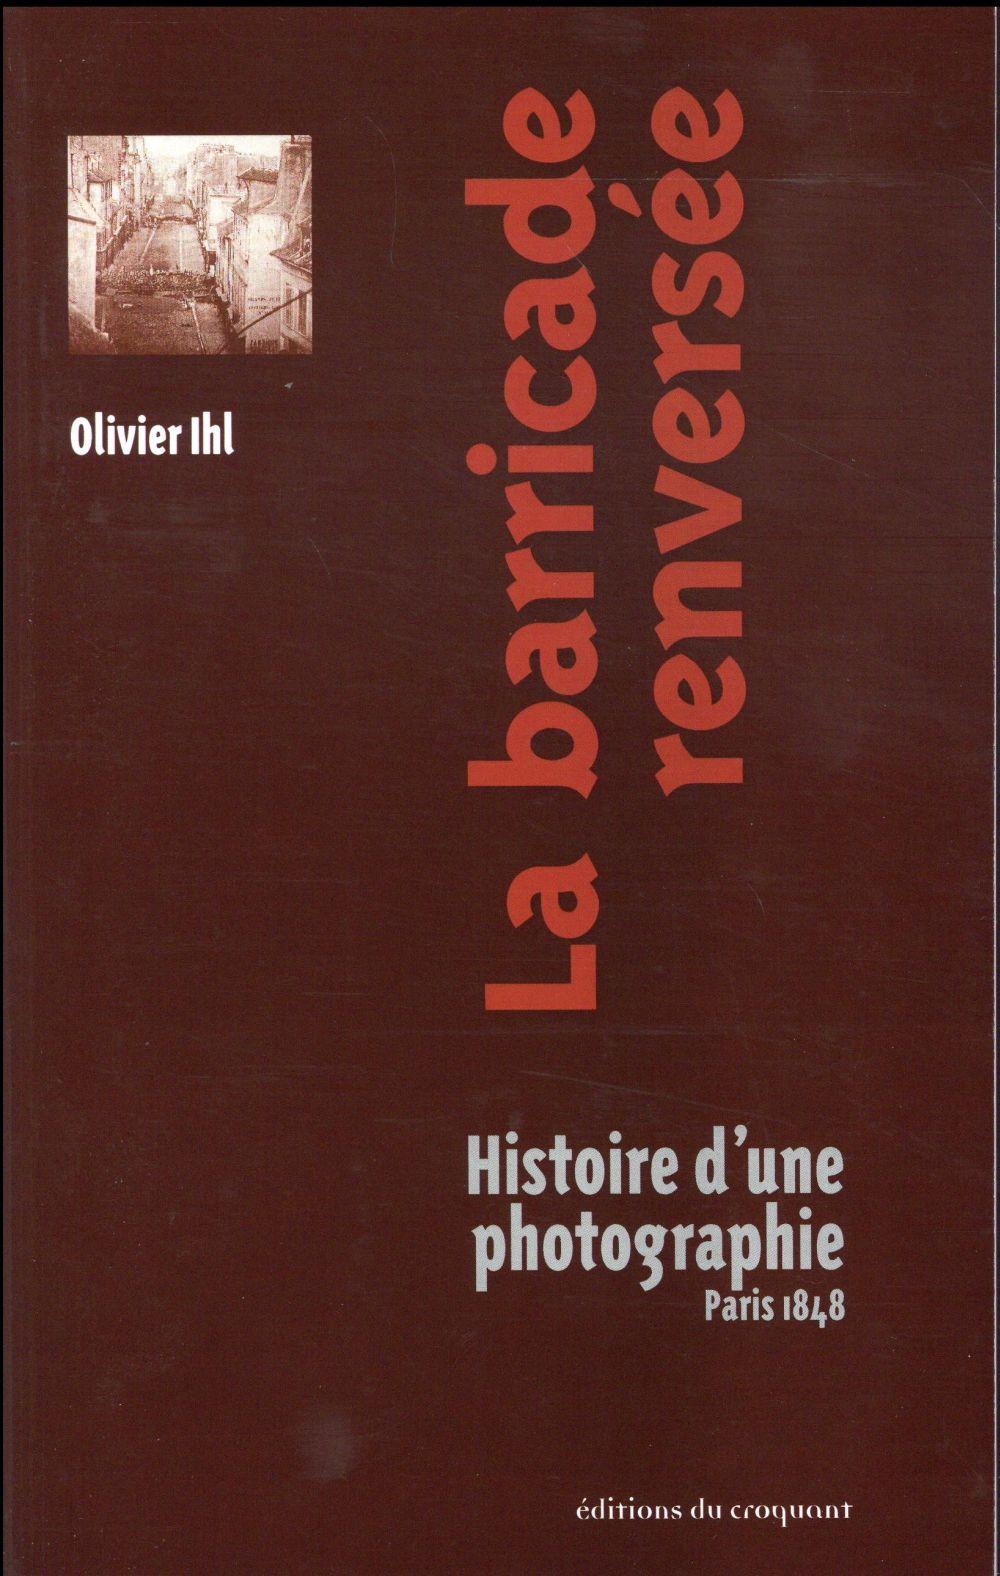 LA BARRICADE RENVERSEE, HISTOIRE D'UNE PHOTOGRAPHIE, PARIS 1848